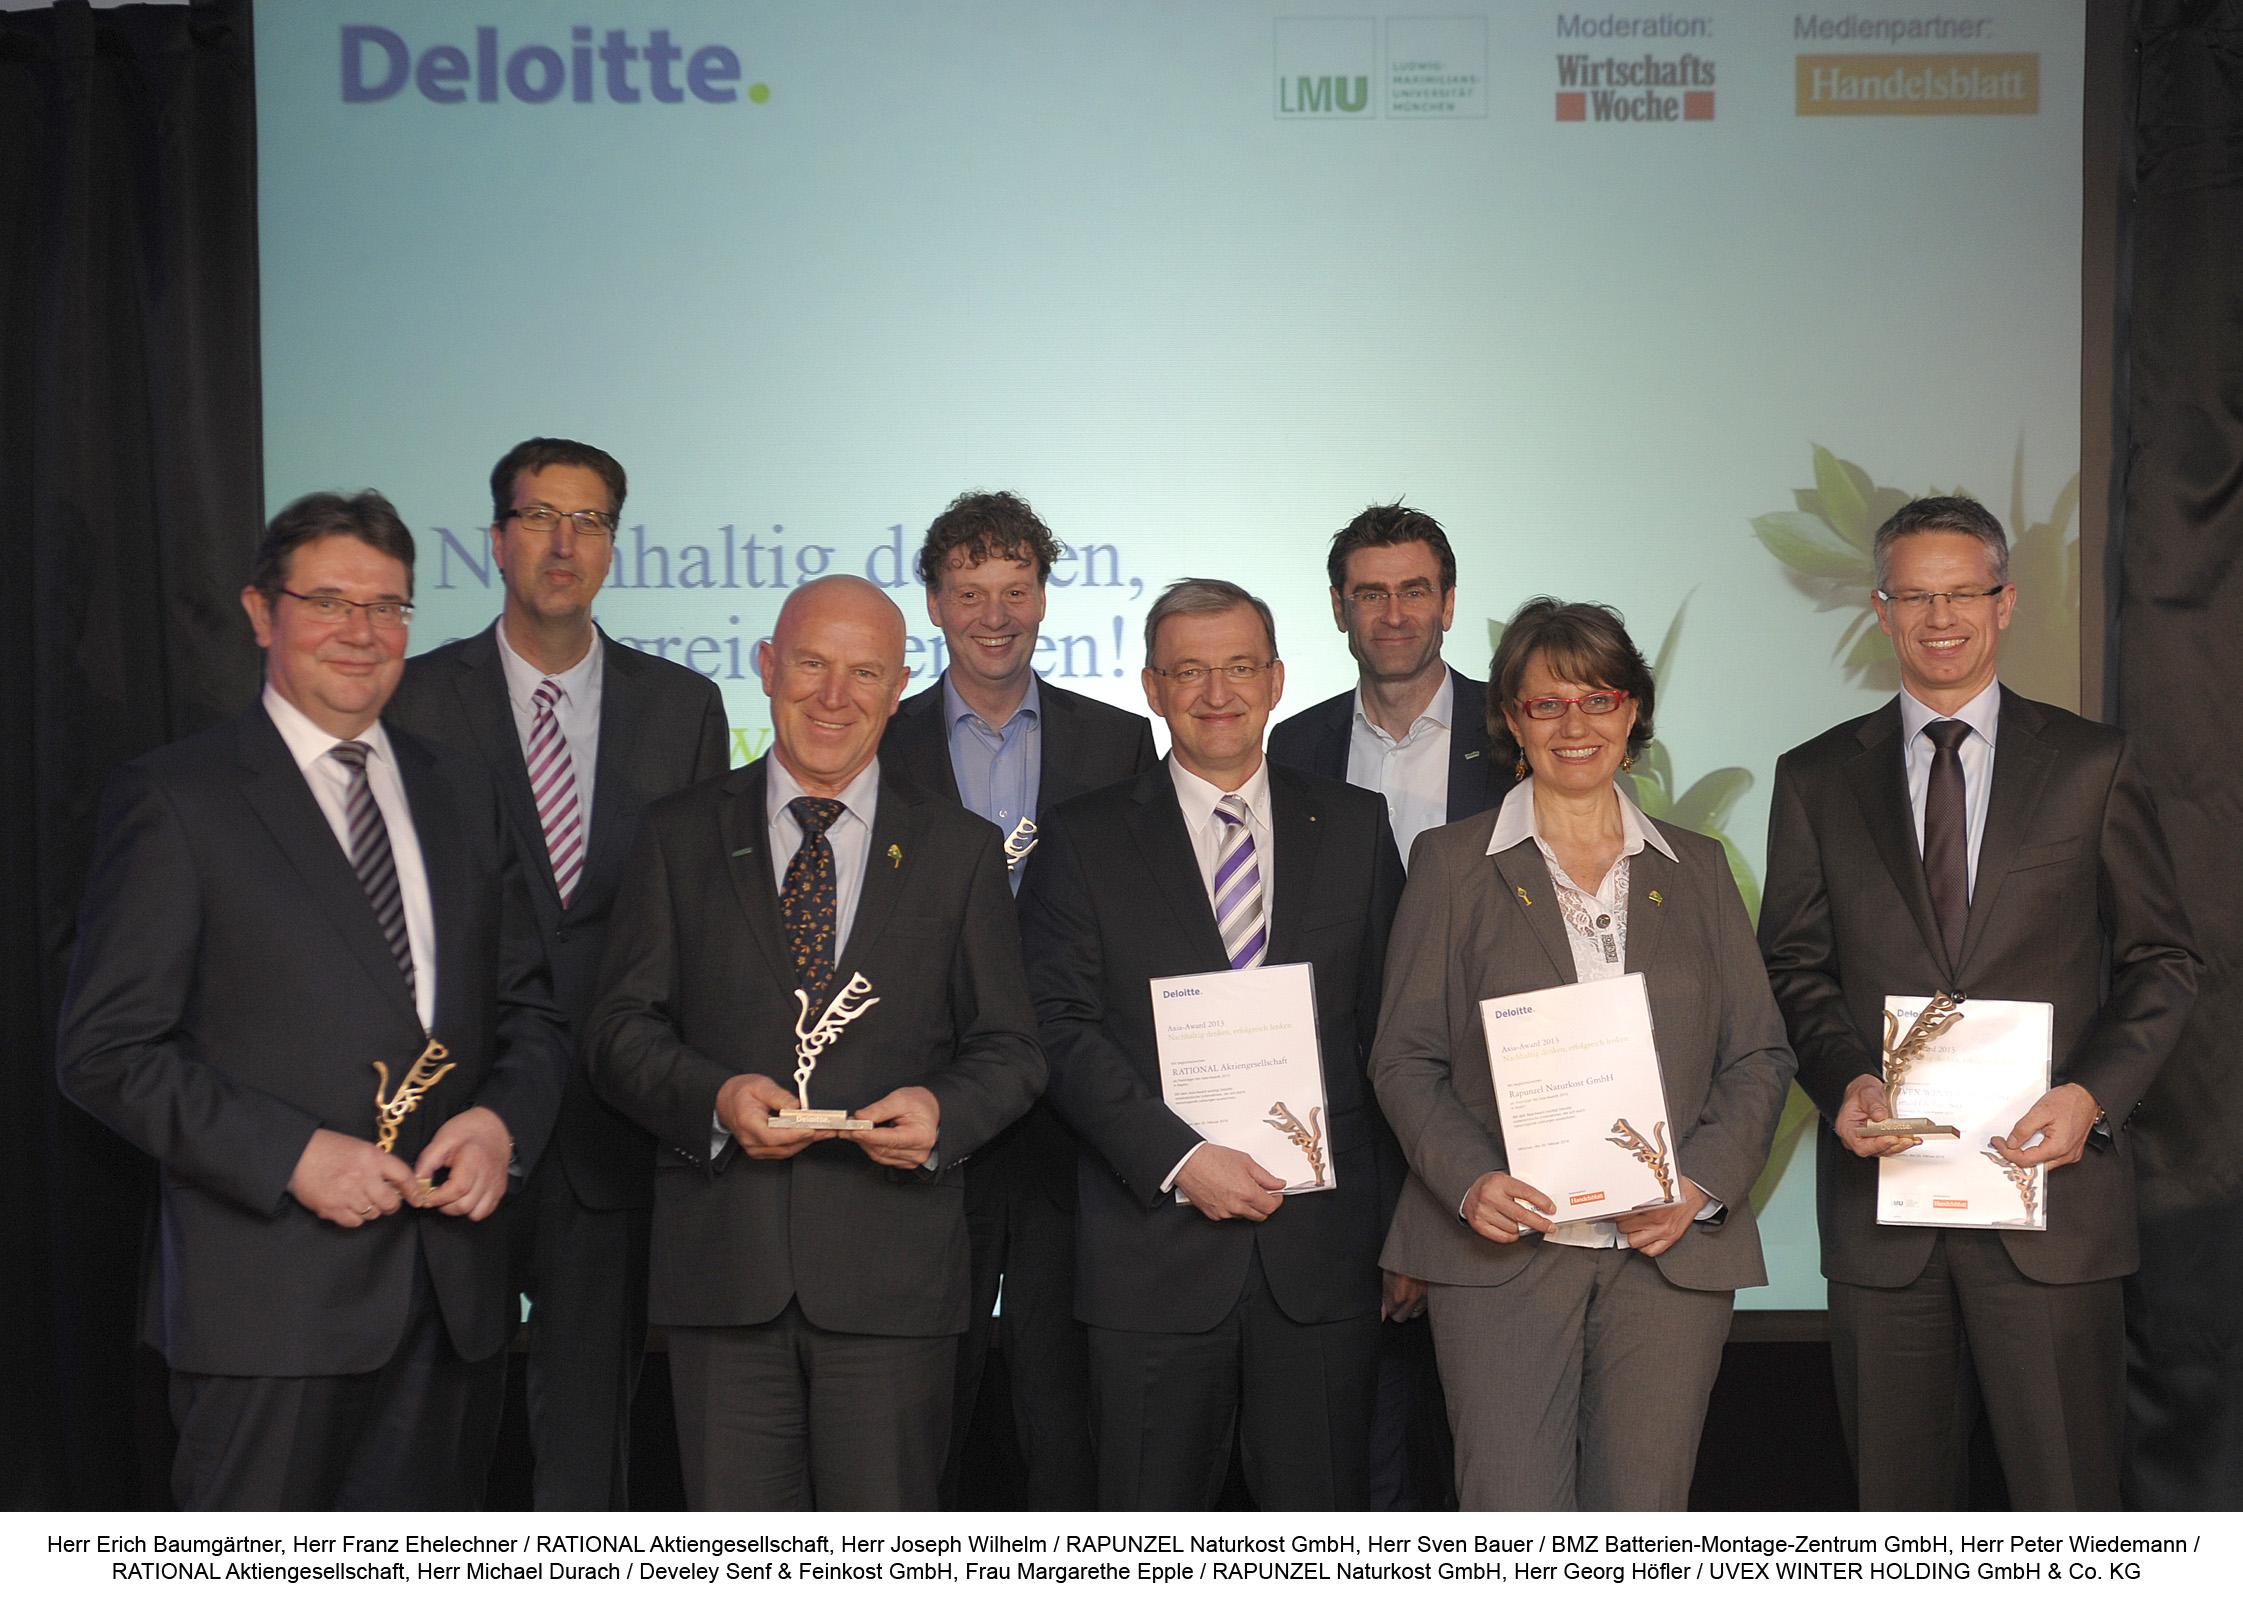 Die Preisträger des 13. Axia-Awards aus Bayern: Sie verbinden langfristige Unternehmensplanung, soziale Werte und finanzielle Unabhängigkeit.